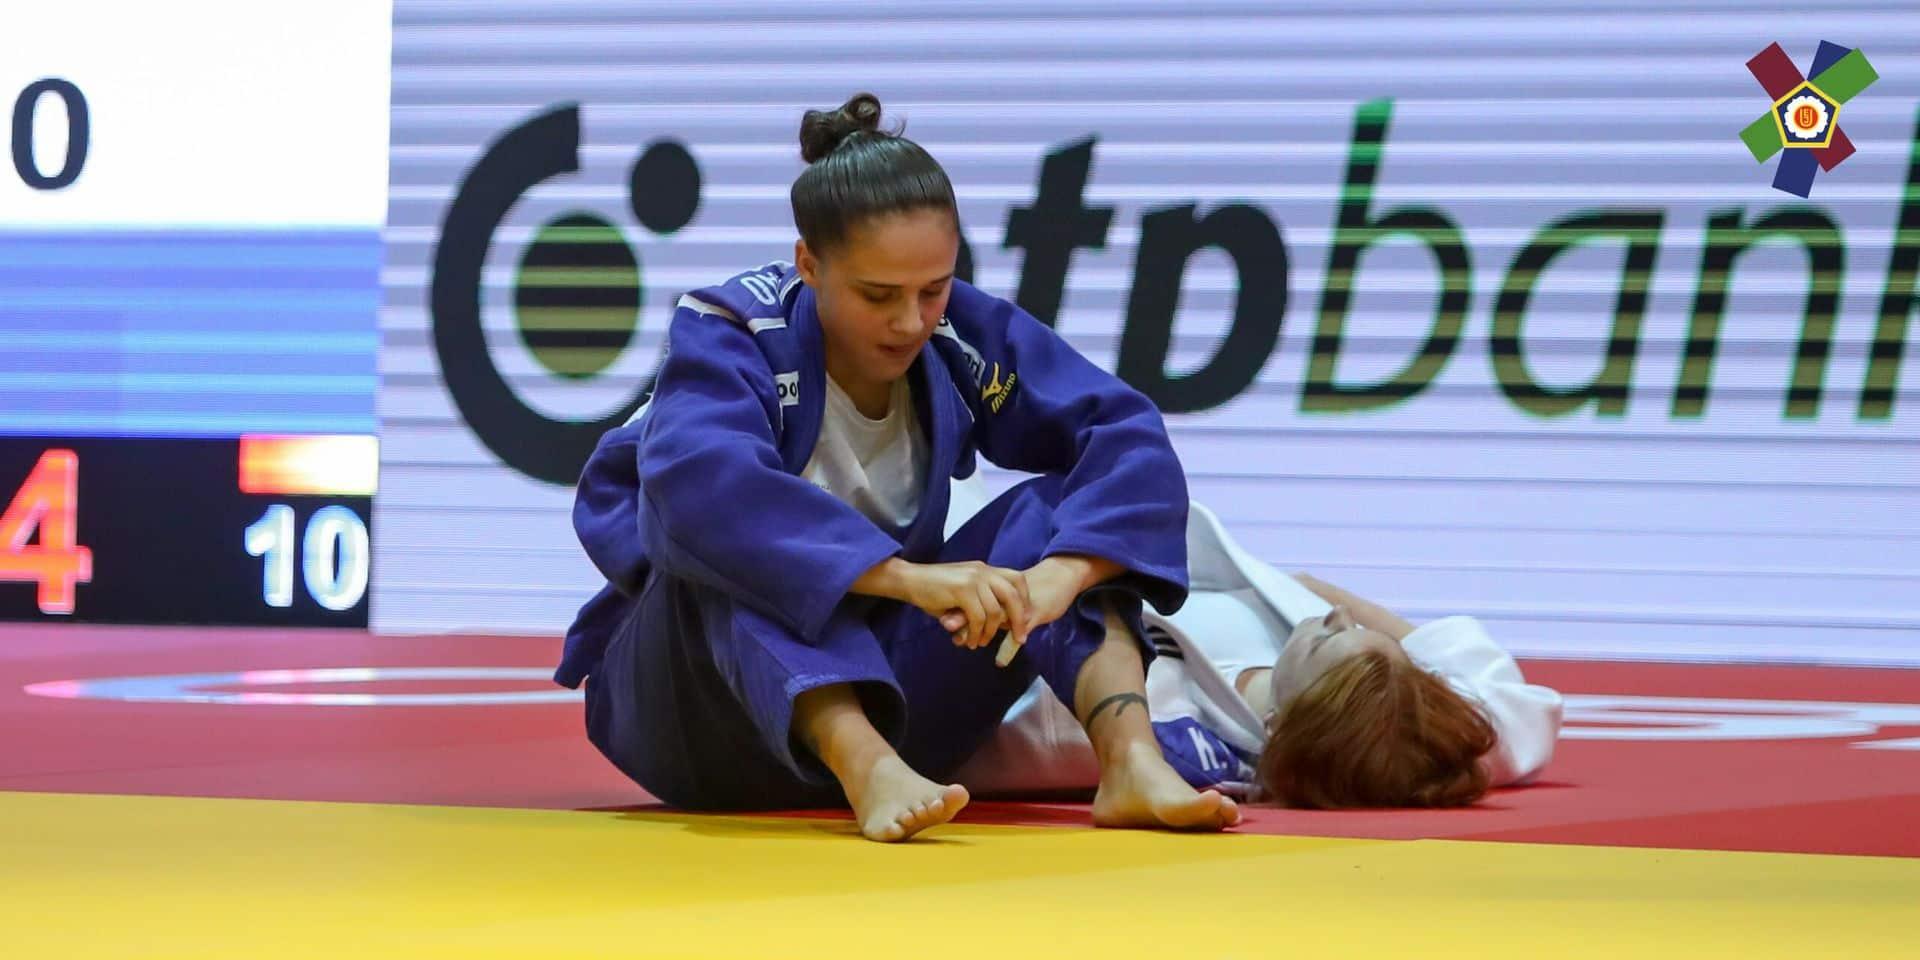 """Alessia Corrao a combattu avec le coude cassé au Mondial juniors : """"Je ne voulais pas abandonner"""""""